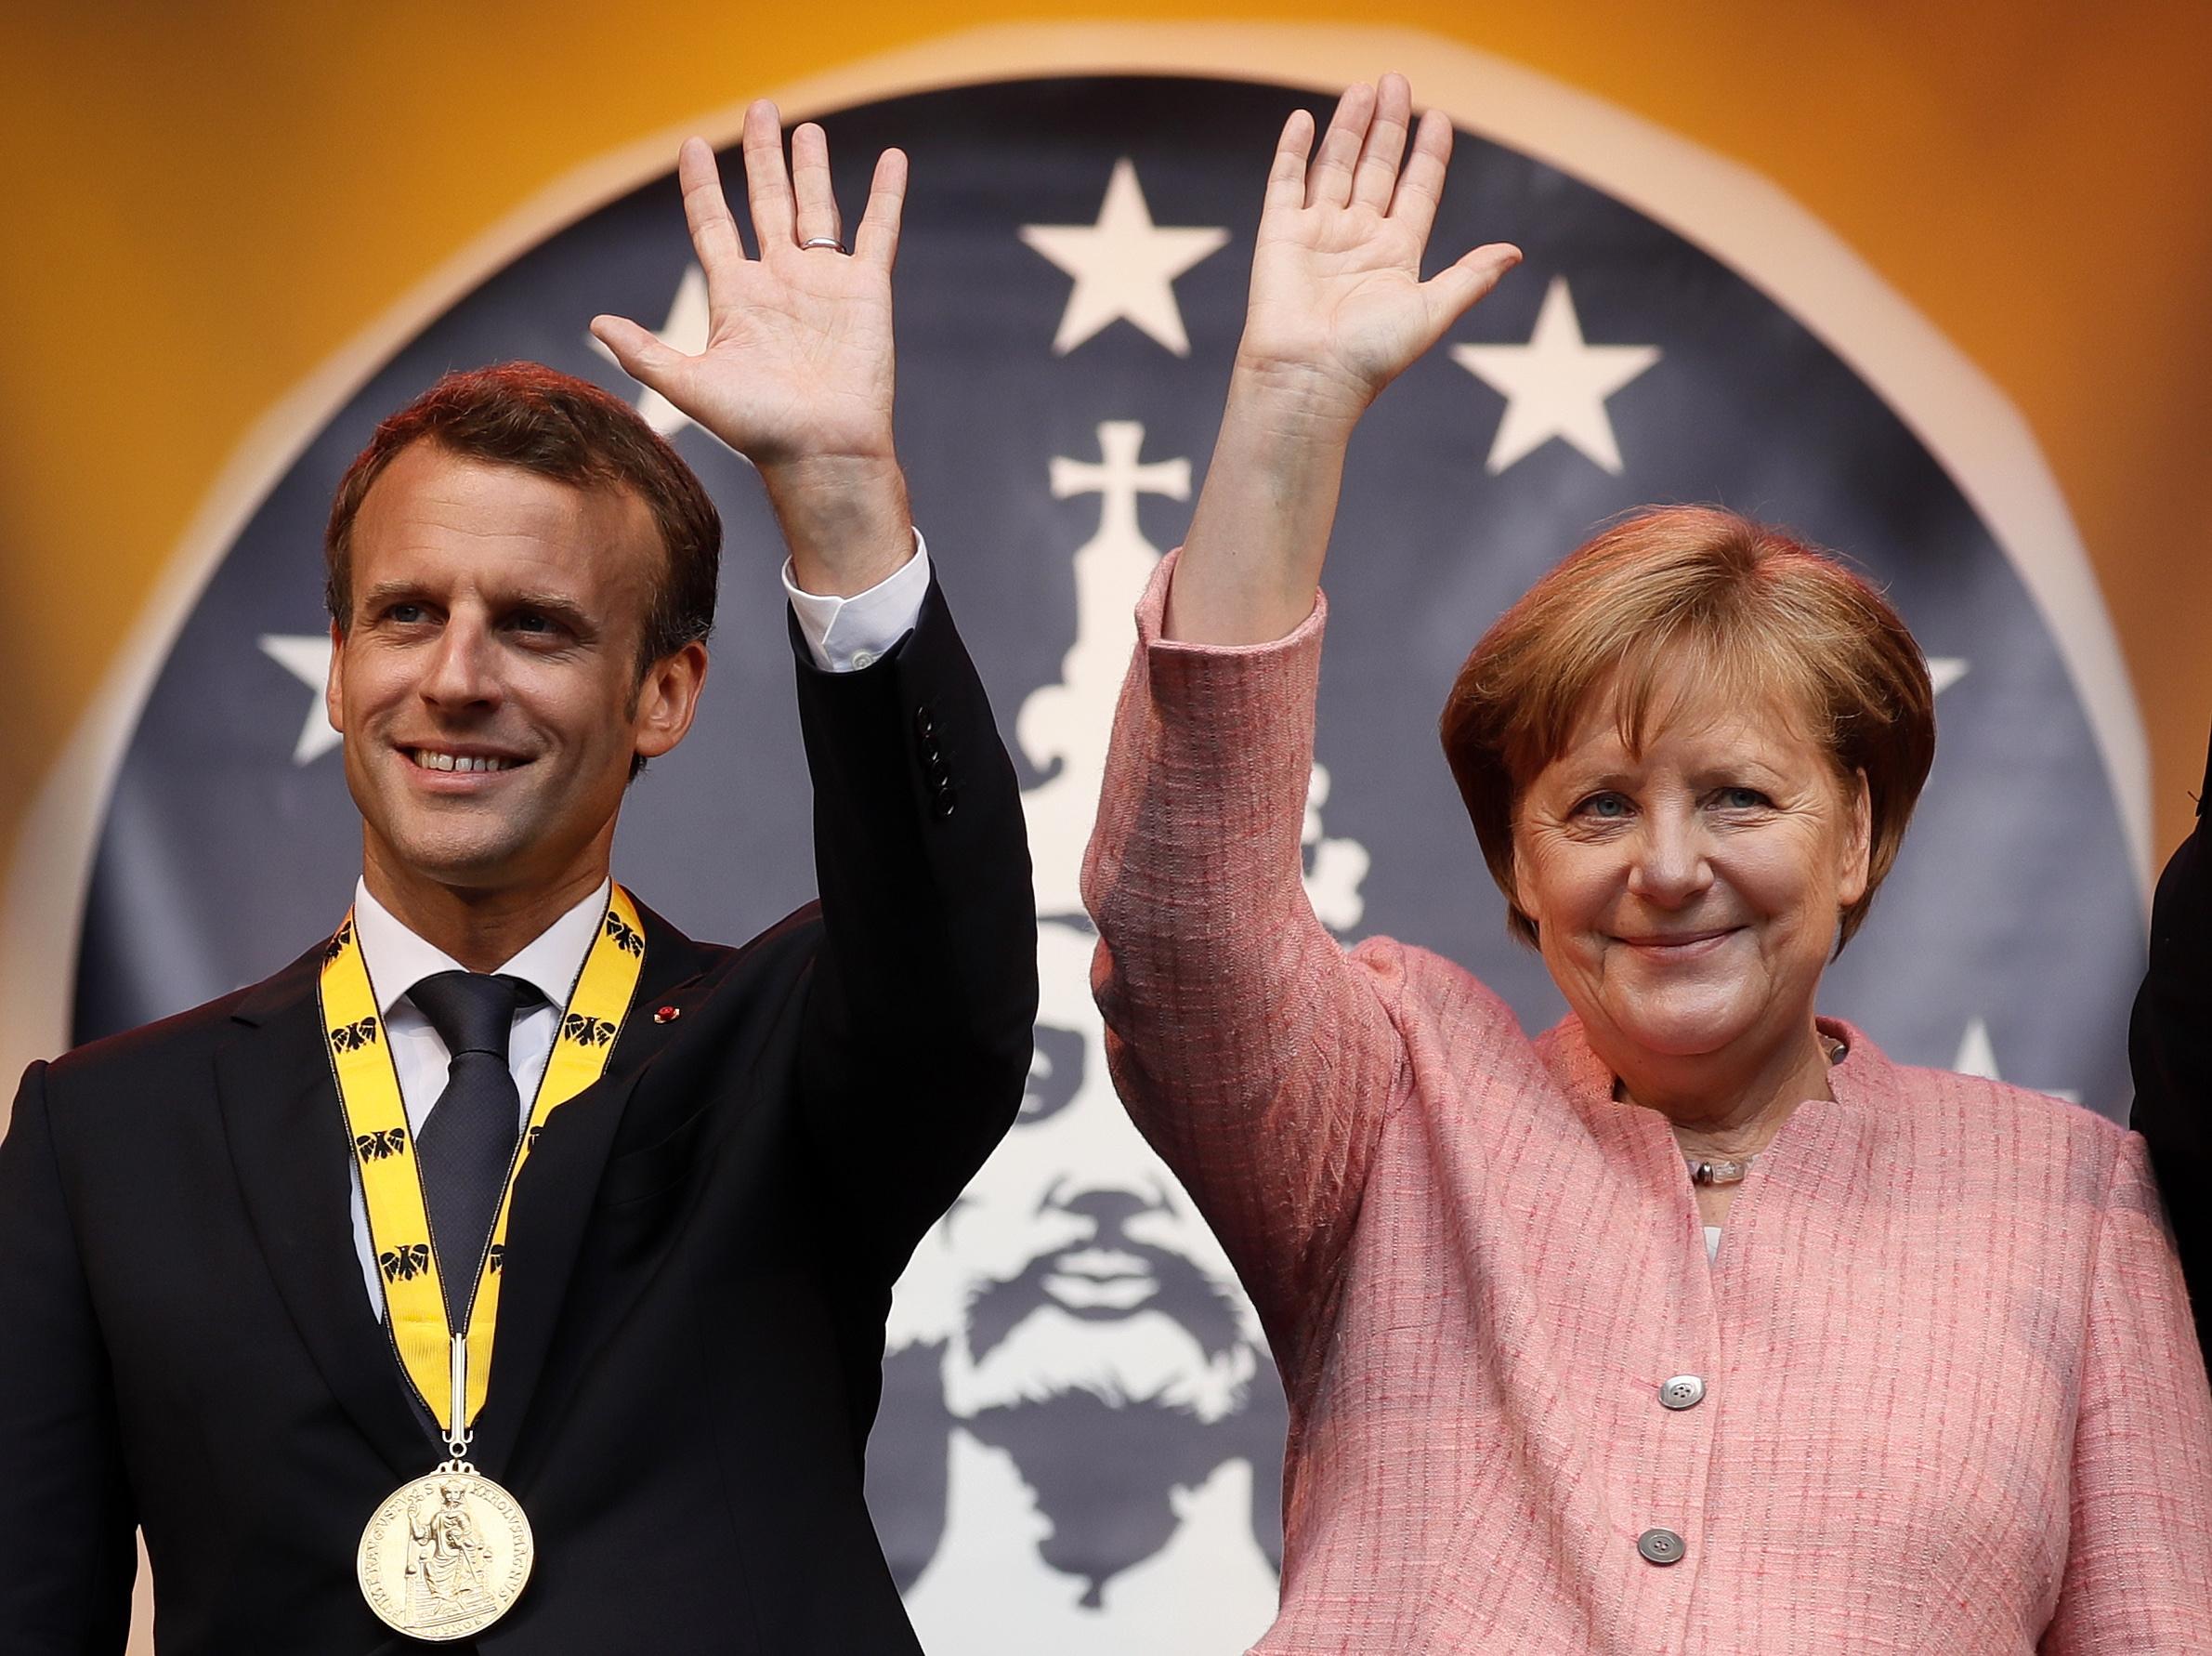 Europa não pode esperar que EUA a proteja de conflitos, diz Merkel